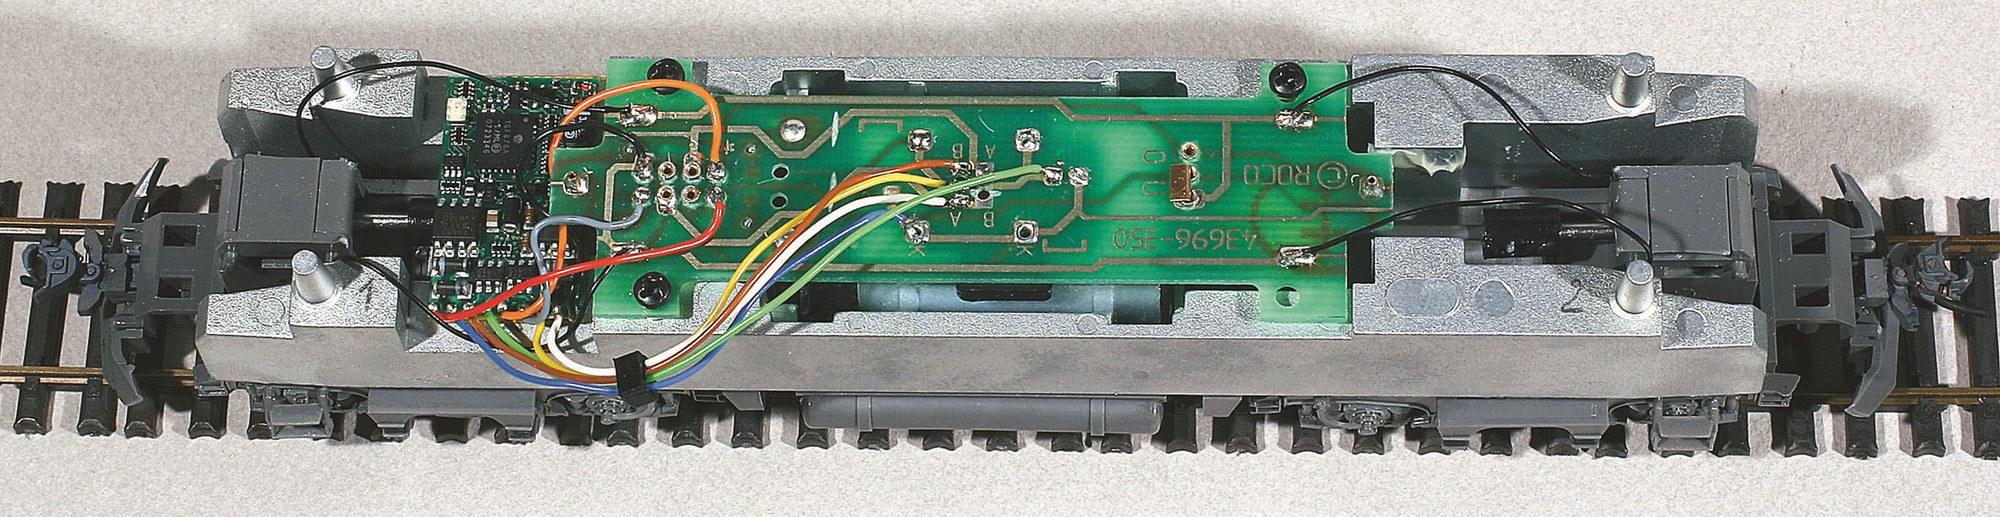 11-Montage du décodeur et utilisation du circuit imprimé comme bornier relais.